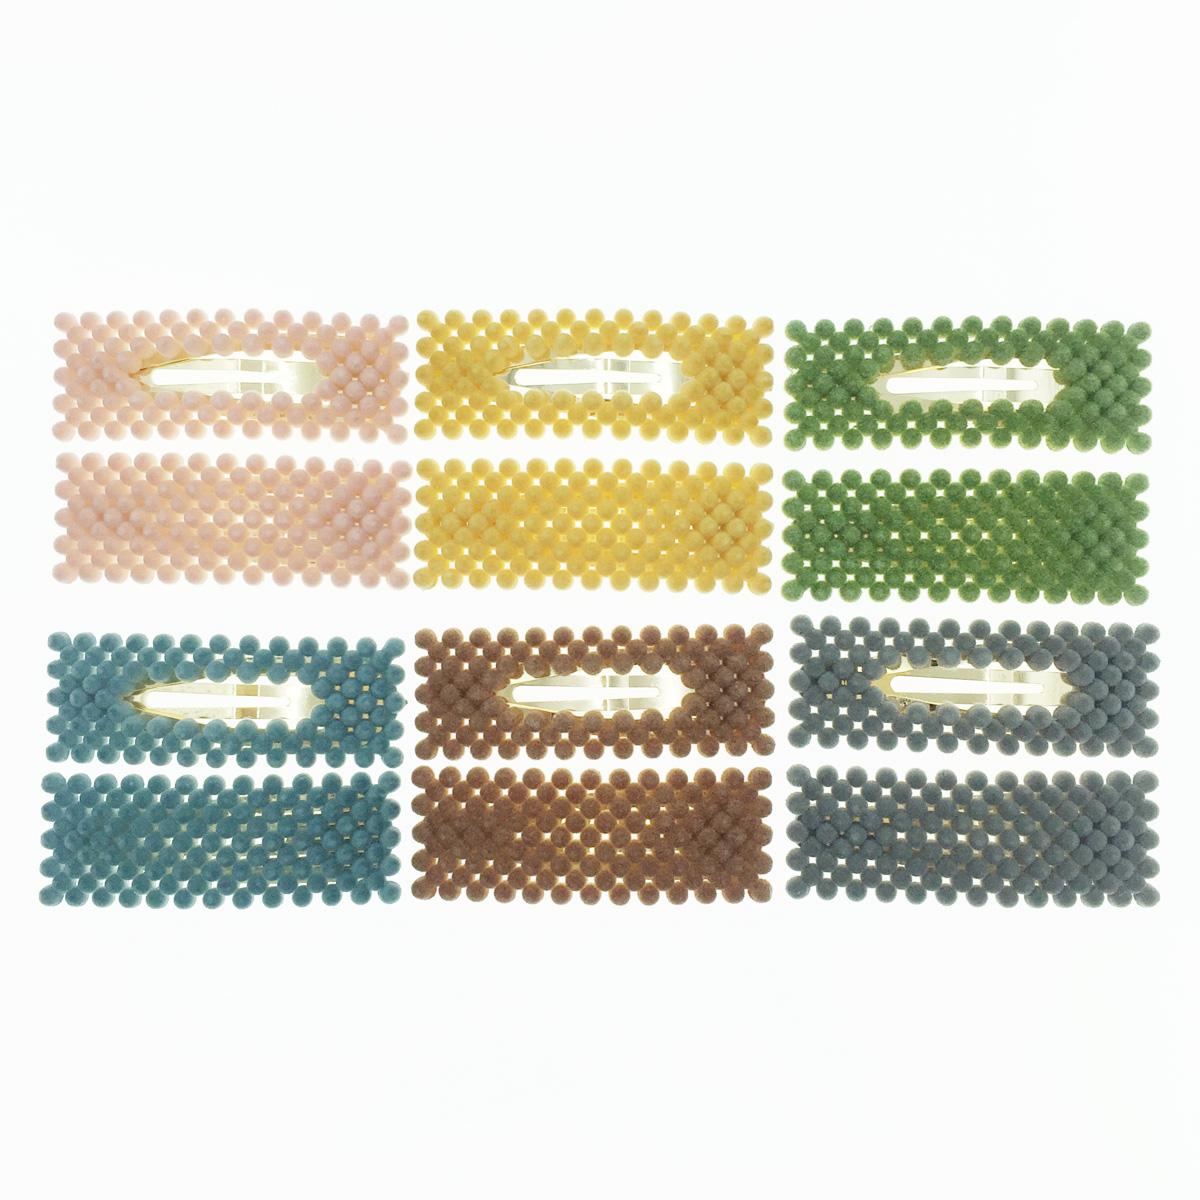 韓國 長方形 小圓絨球 毛毛球 兩入組 多色 基本款 百搭 髮飾 彈力夾 髮夾